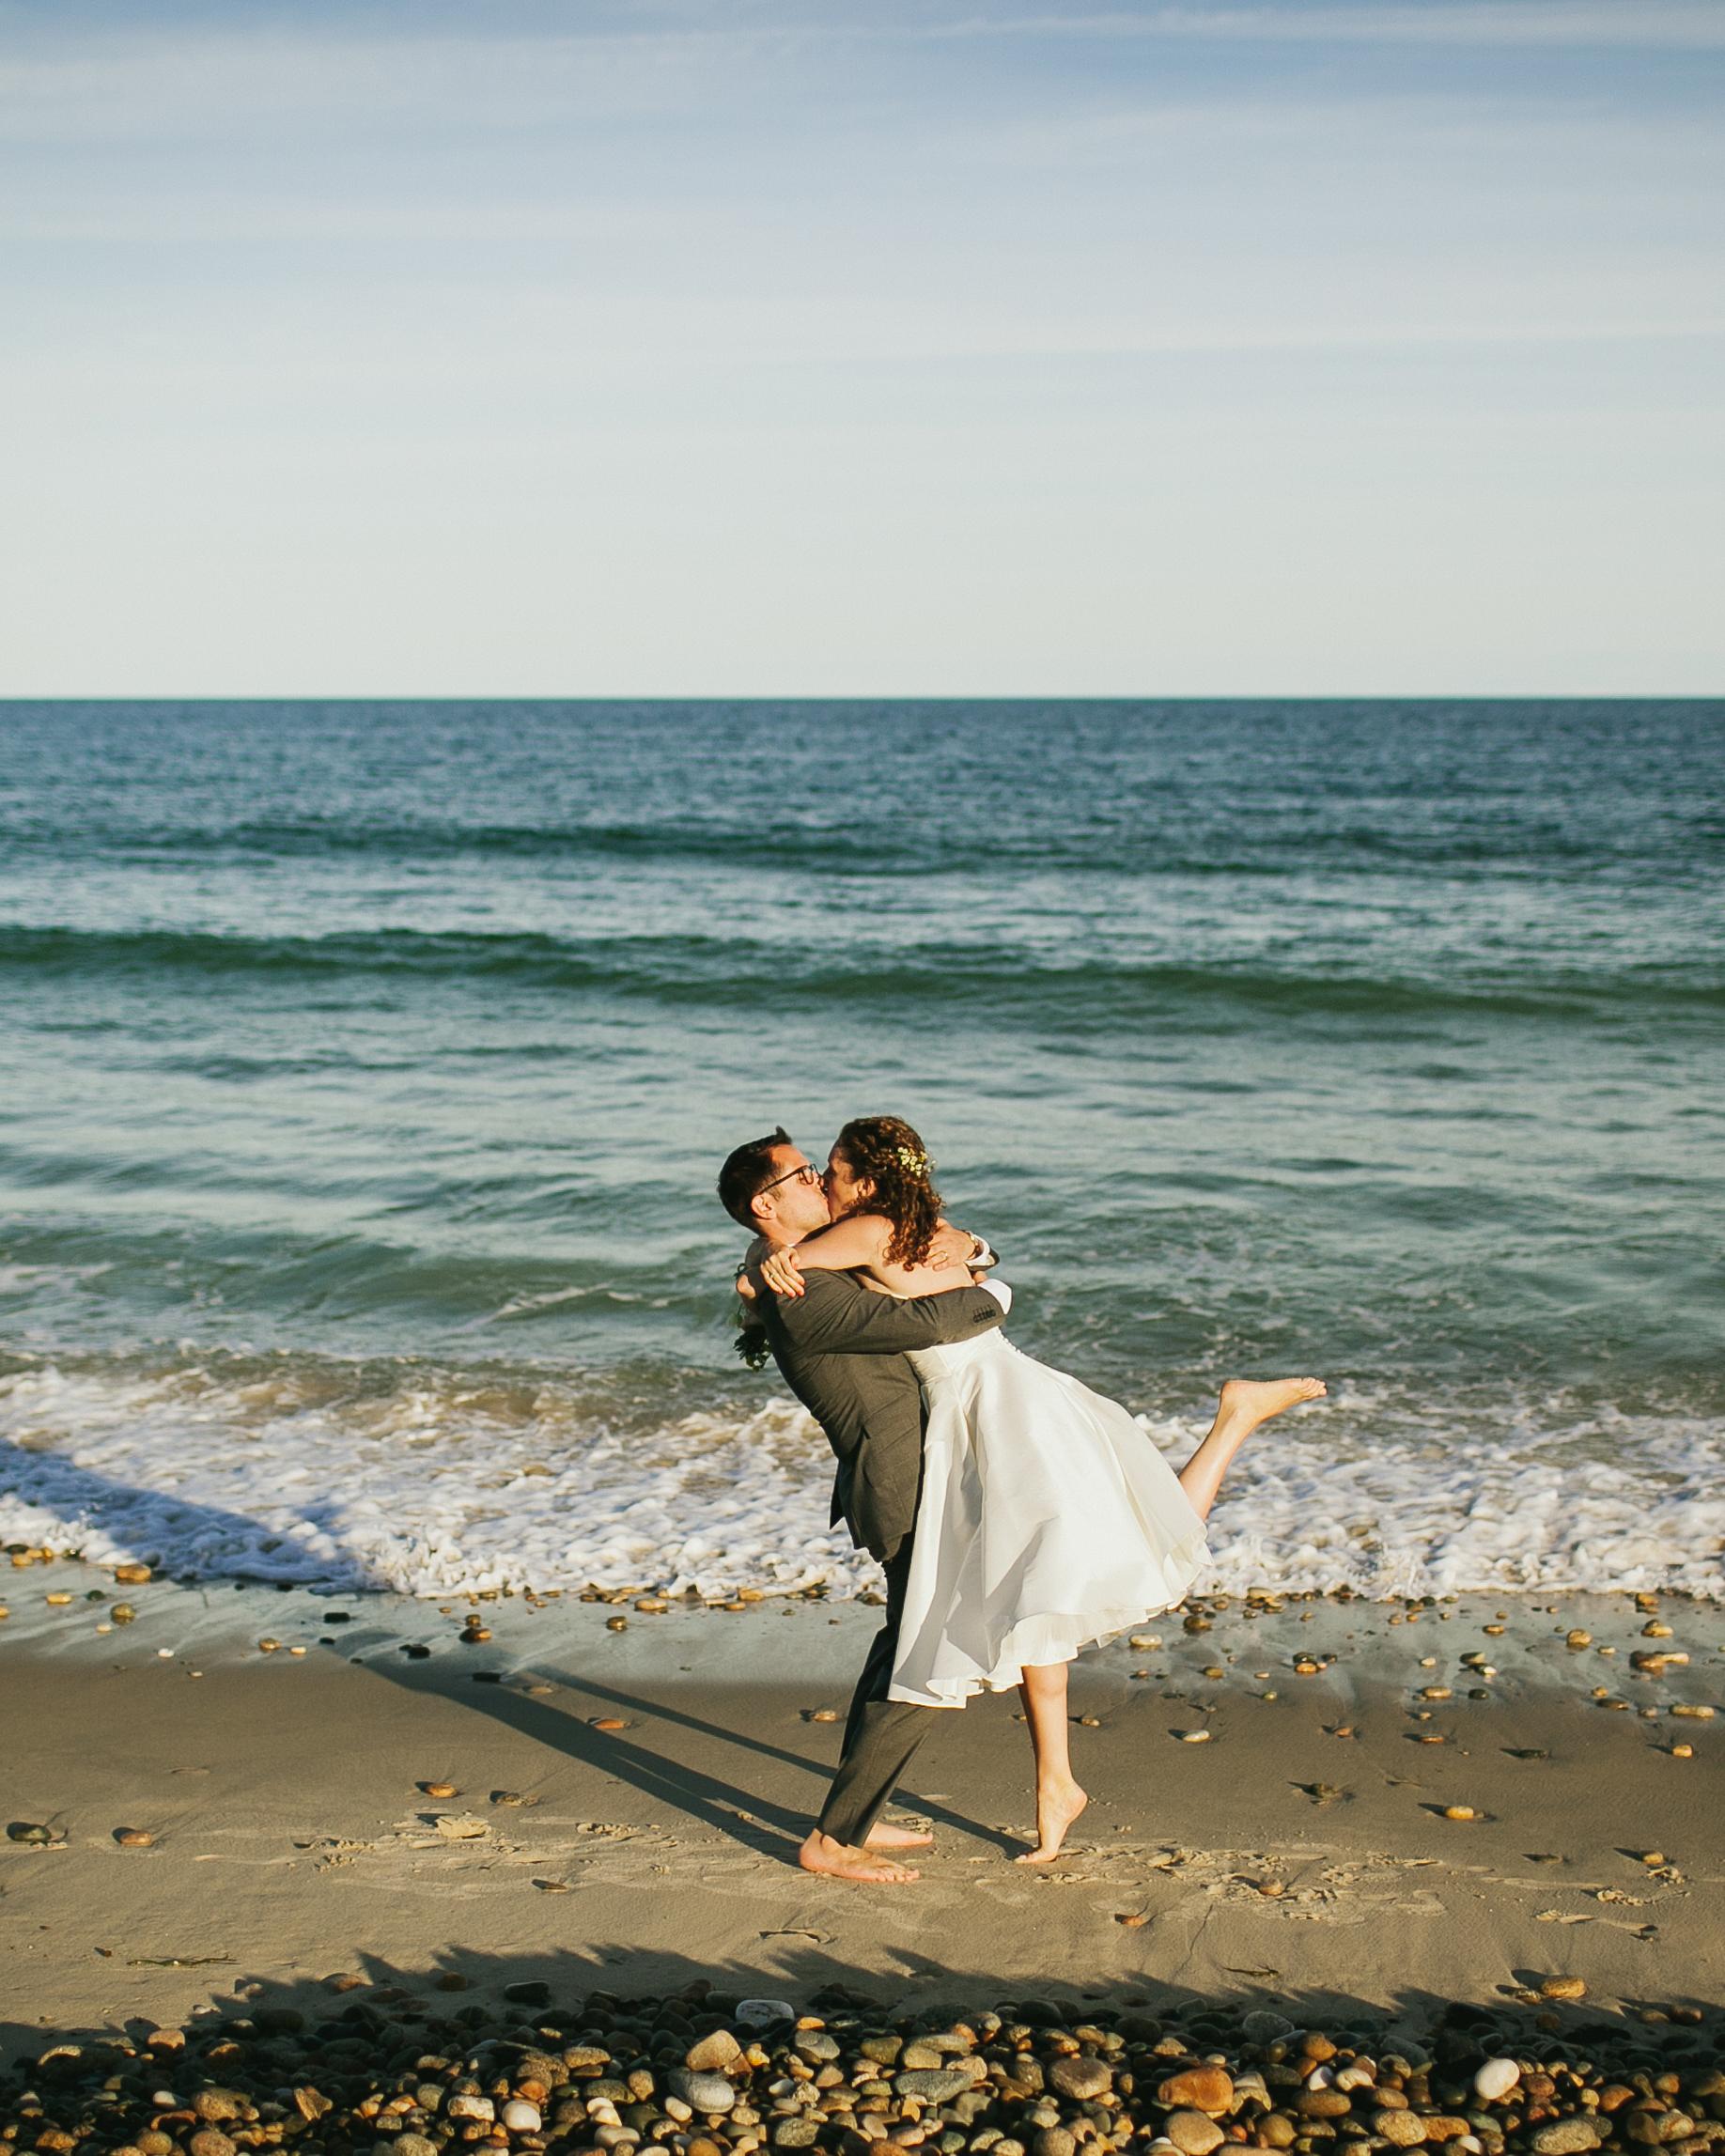 gabriela-tyson-wedding-beach-0725-s111708-1214.jpg